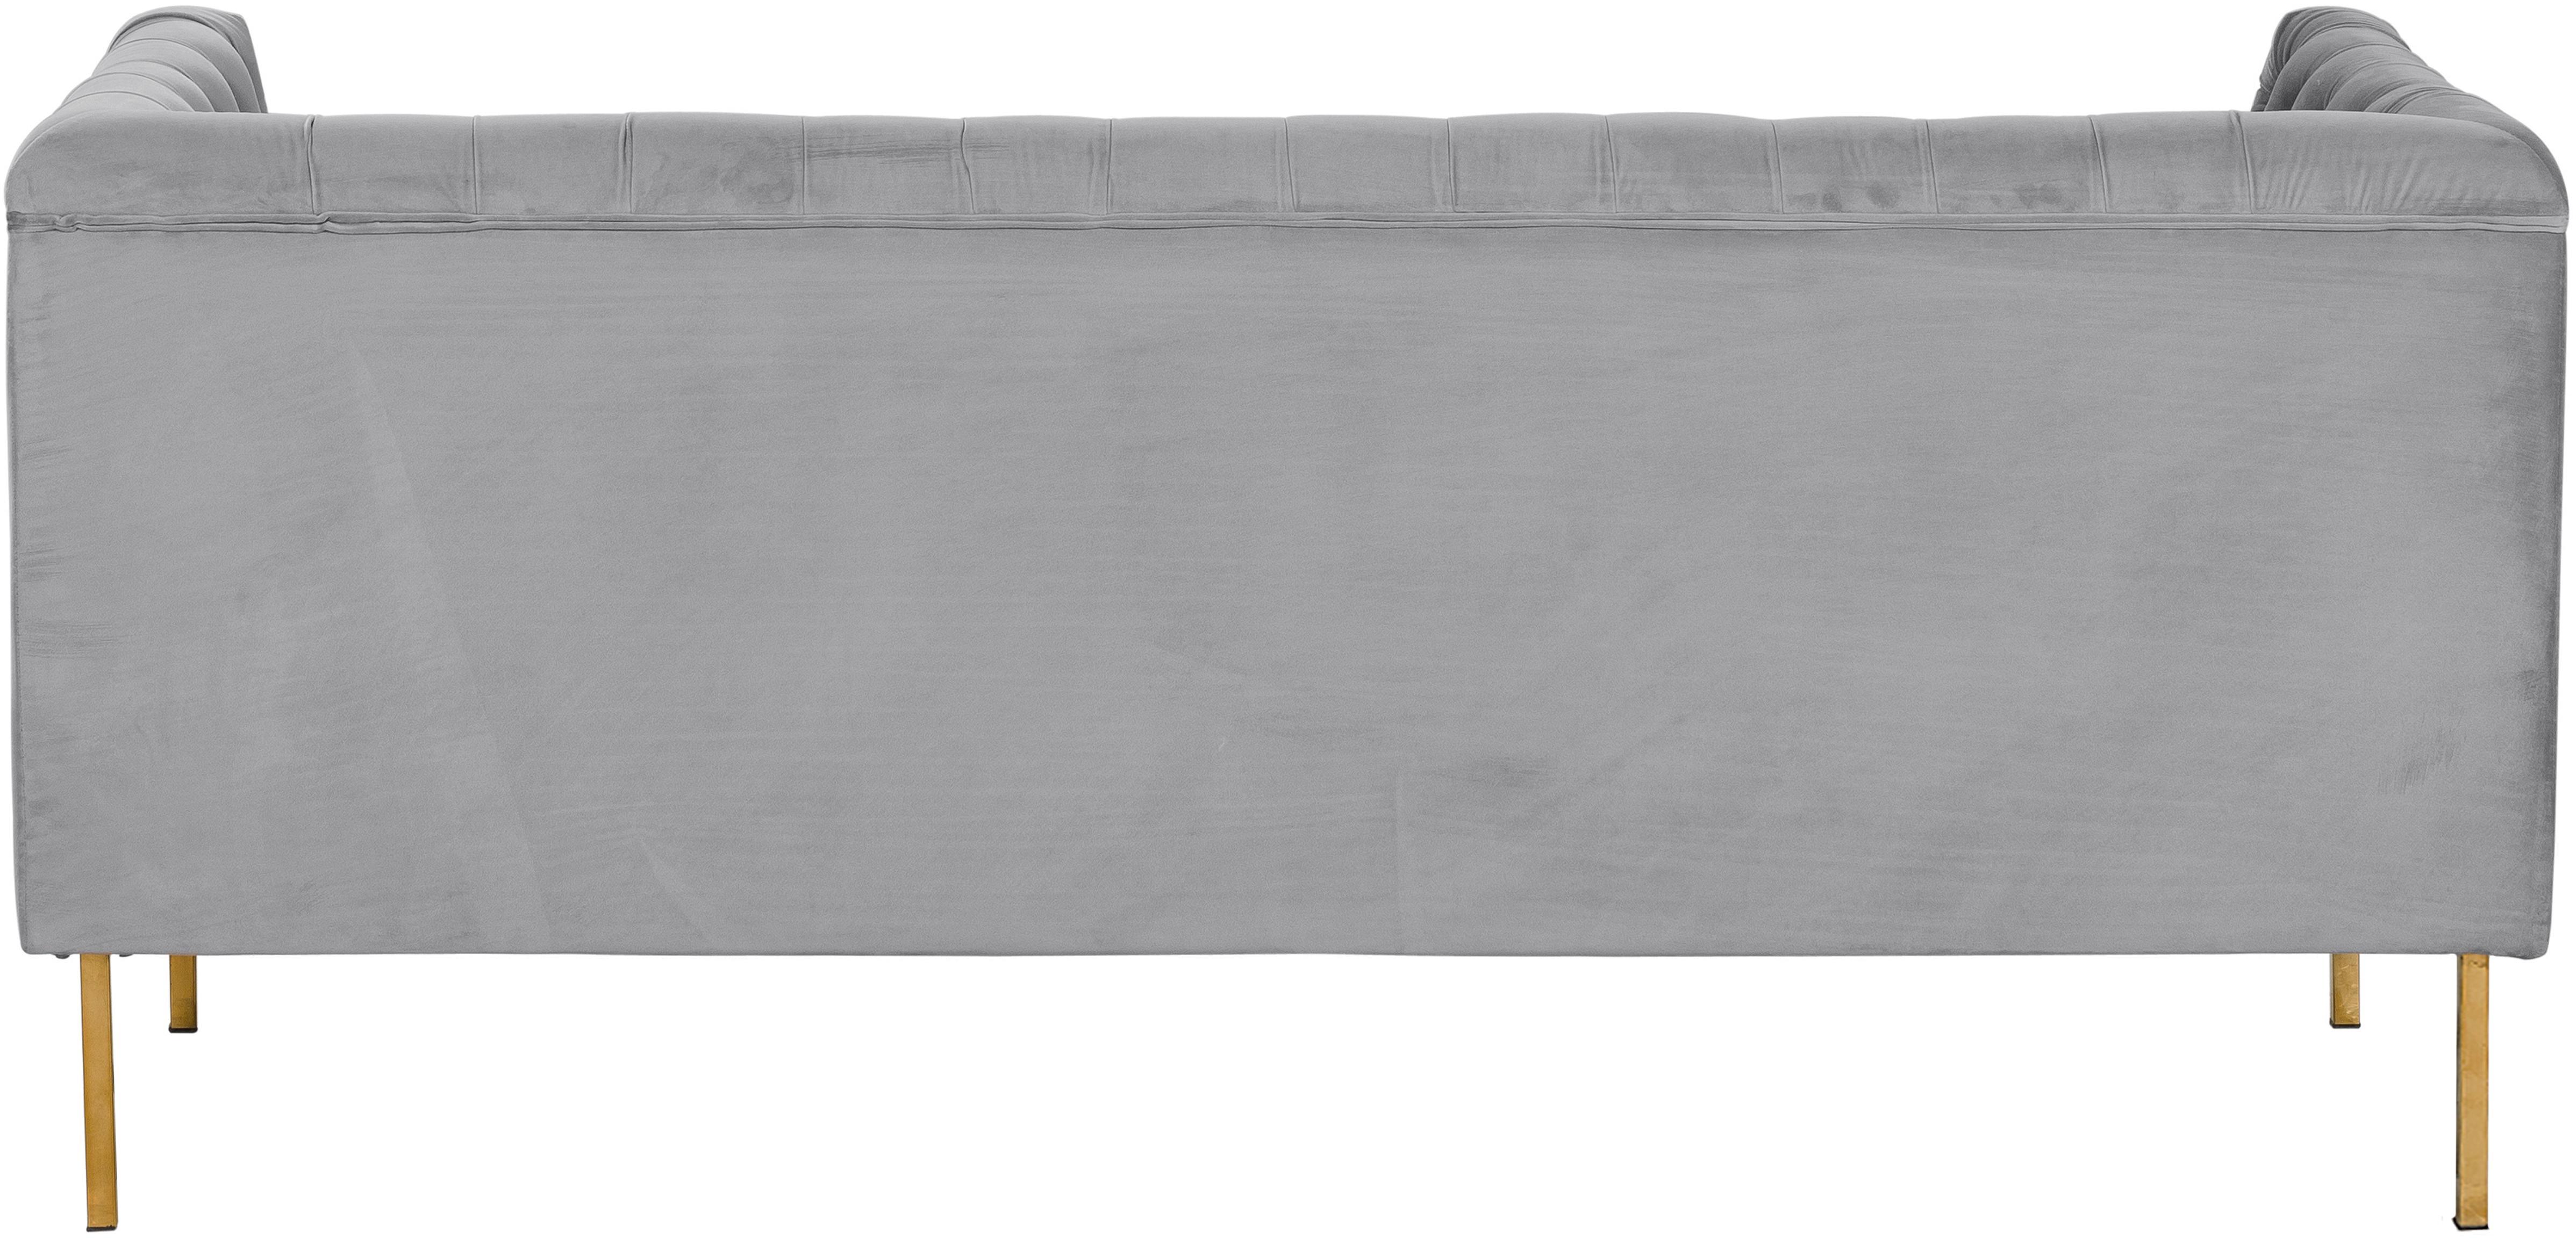 Sofá Chesterfield de terciopelo Chiara (2plazas), Tapizado: terciopelo (poliéster) 20, Estructura: madera de abedul maciza, Patas: metal galvanizado, Gris, An 170 x F 72 cm